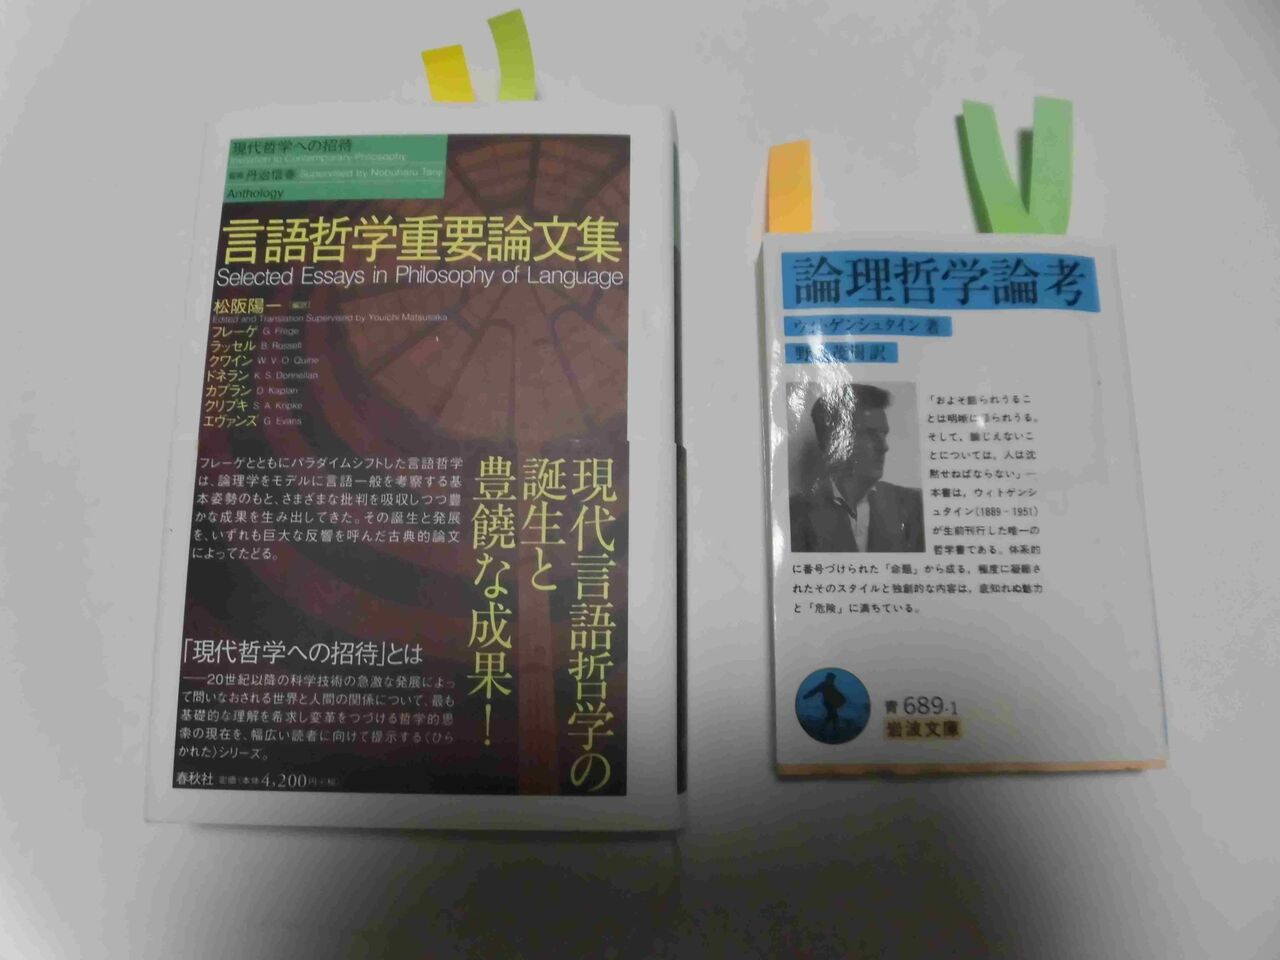 長谷部恭男氏「権利の機能序説」の空虚さ② 「論理実証主義」と数量 ...